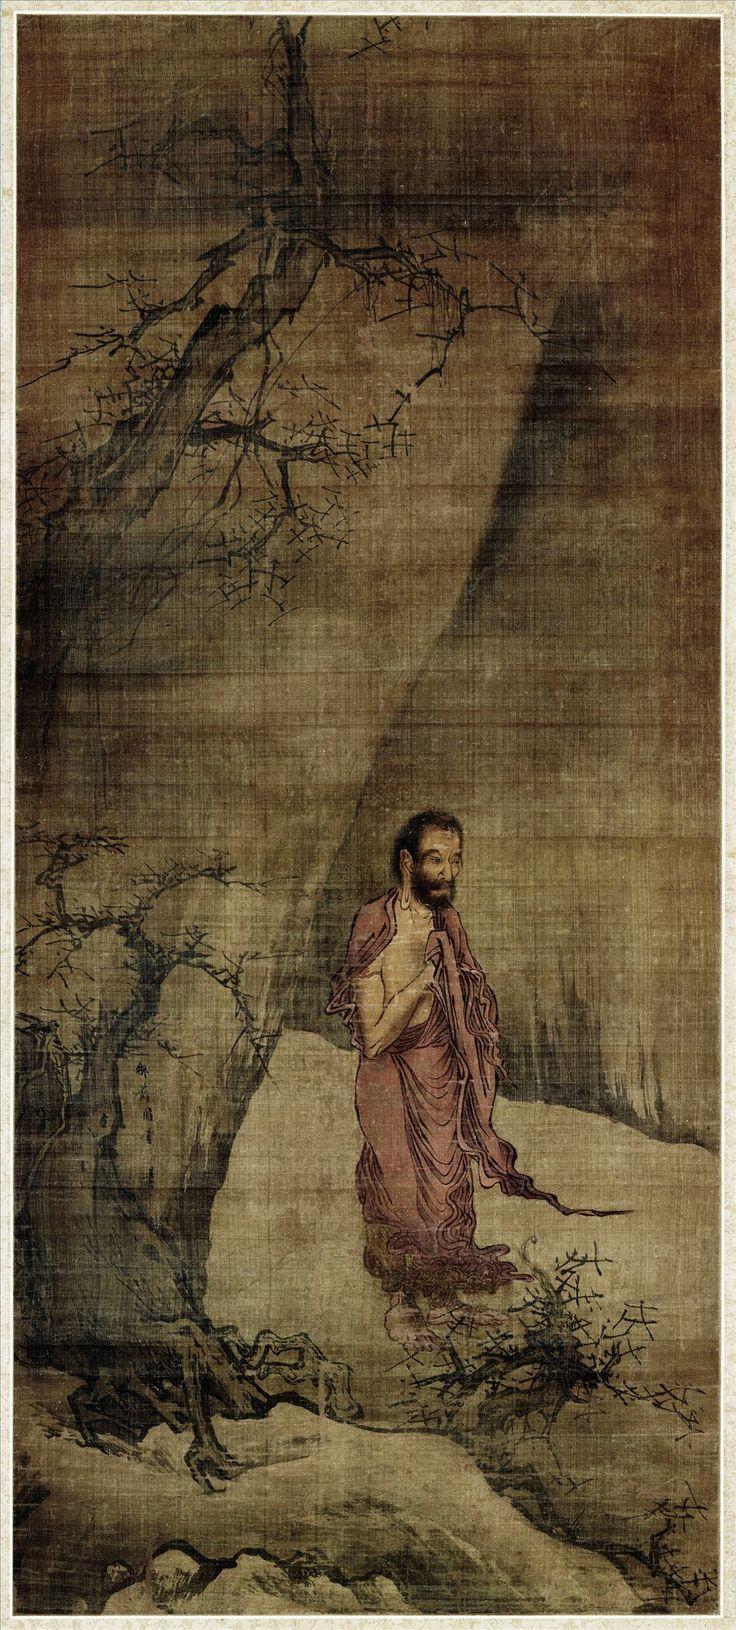 """Liang Kai(梁楷) , 南宋 梁楷 释迦出山图轴  日本日野原宣藏。 释迦着单衣跣足站于枯树旁,手举胸前,双眸微微下视,面容清瘦,须发密长。尽管已值冬季,衣带在寒风中飘举,但释迦似乎并未感受到寒冷,丝毫没有瑟瑟呵冻之态,而是神情专注,愈显入山苦修悟道后,意志弥坚。画家以劲利的线条画排叠的衣纹,用笔谨严,于人物神情刻画尤见功力;苍幹枯枝,用笔劲硬,很好地烘托了环境。背景的坡石略加勾皴,树石的画法还可看出受到李唐的影响,此图与其传世减笔人物画相比,属较为工致的画作。画幅左侧的石壁上署有""""御前图画梁楷""""六字款。"""